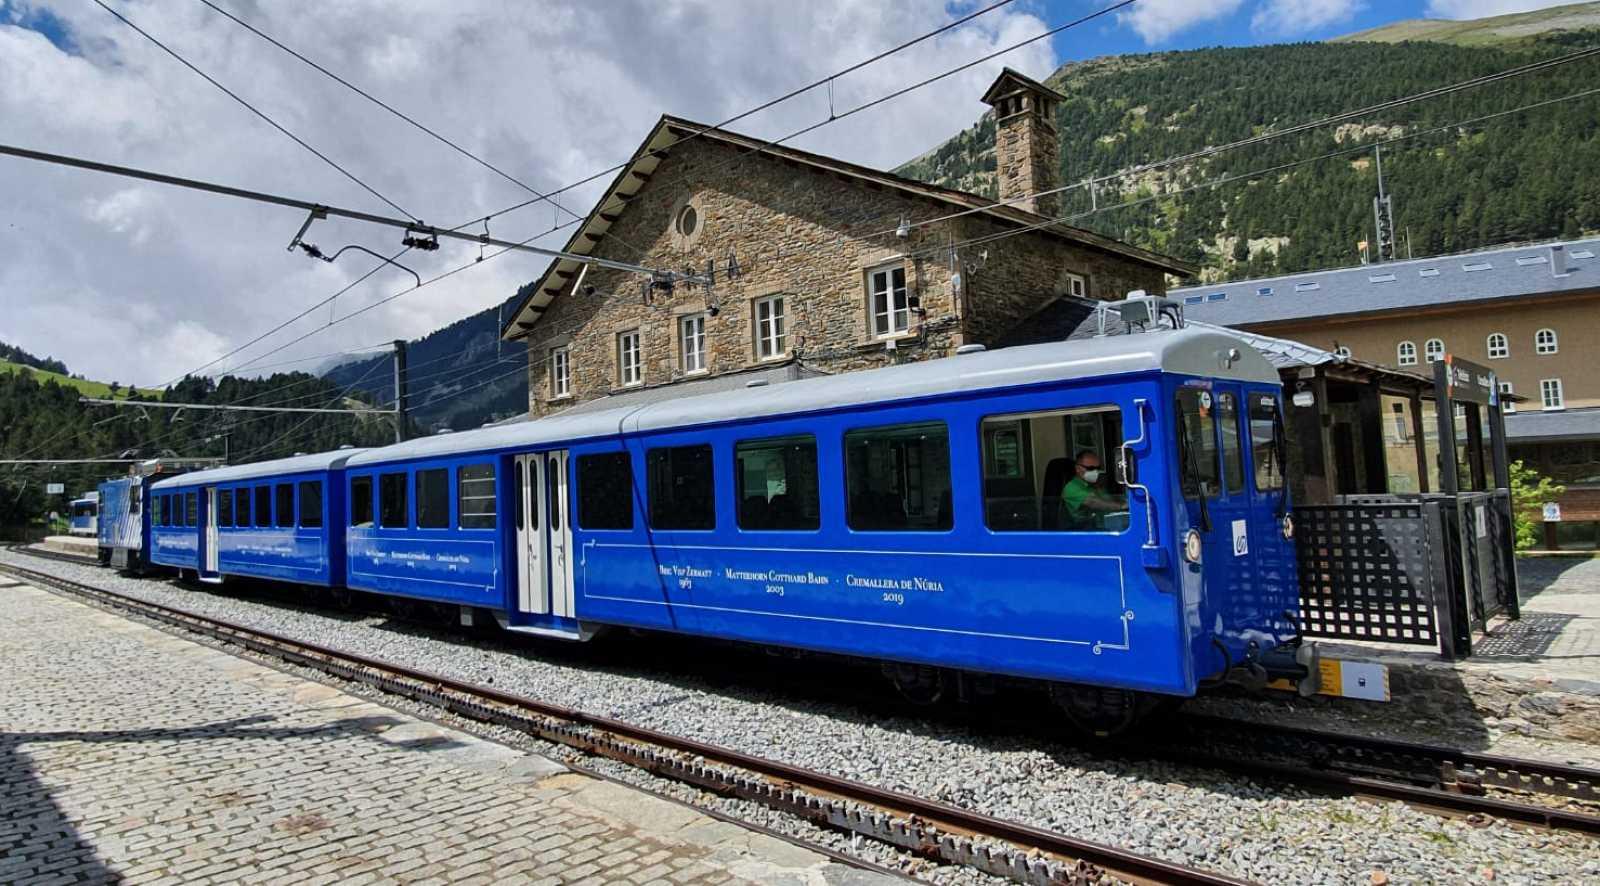 En clave Turismo - Viajamos en el tren cremallera al santuario de Nuria - 01/10/20 - escuchar ahora